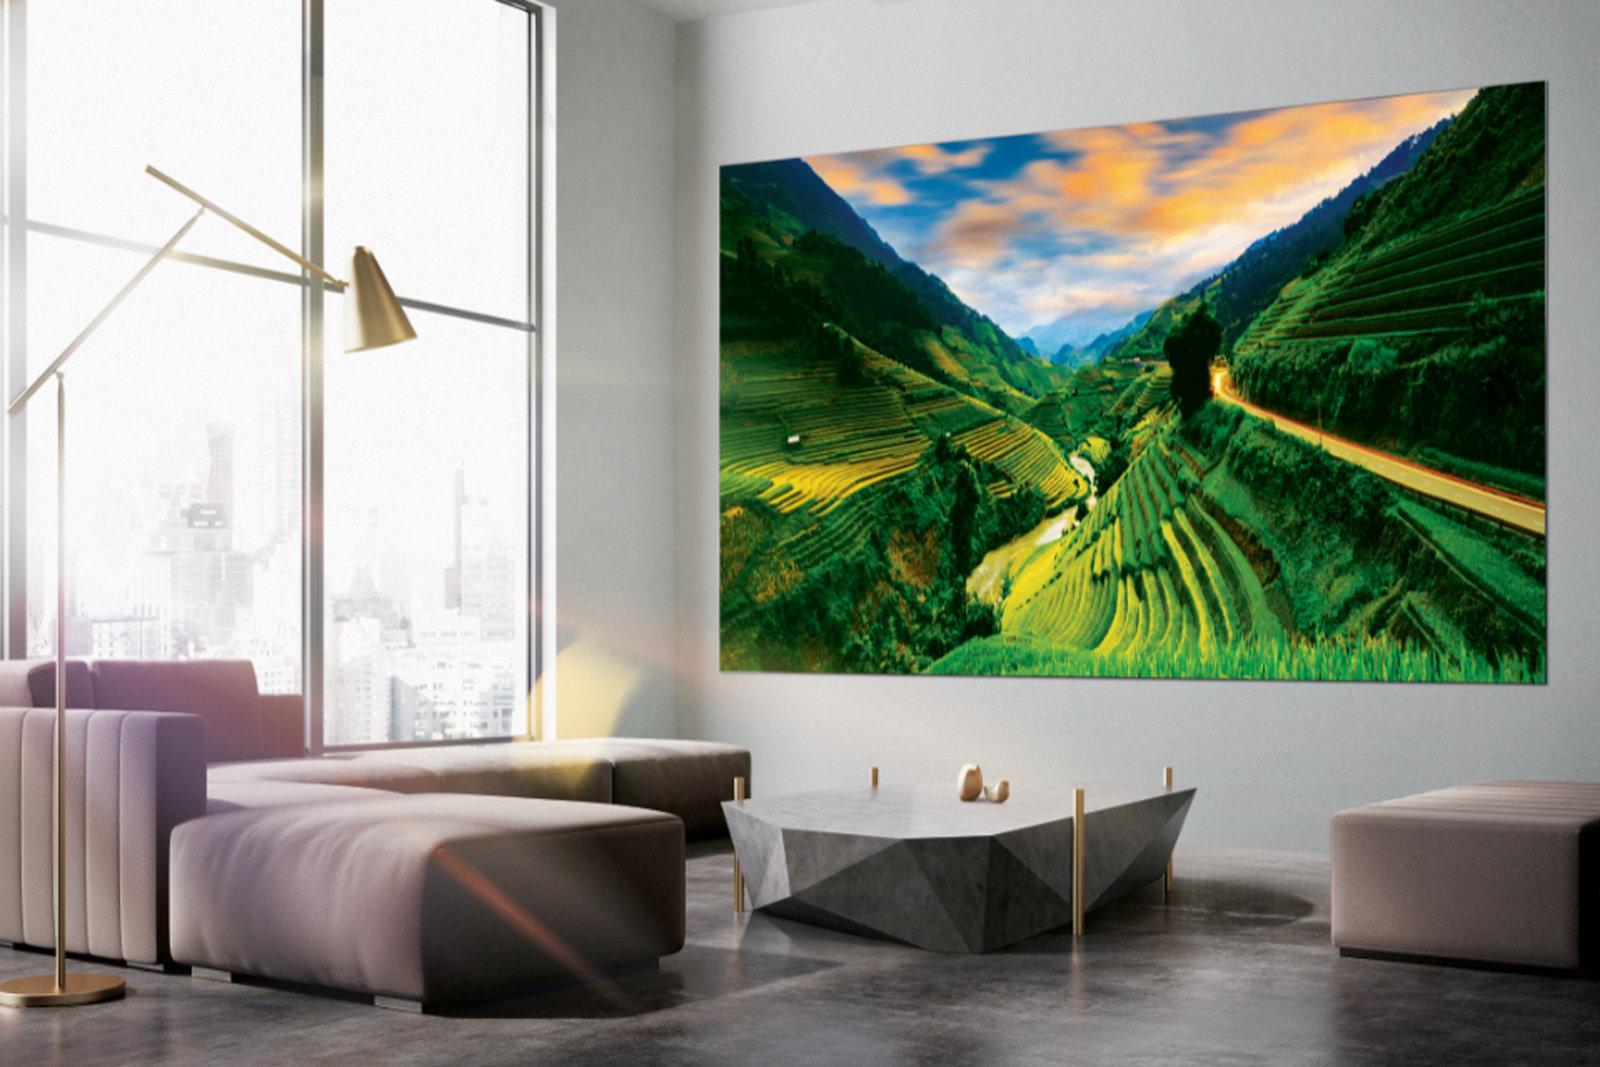 نتيجة بحث الصور عن تلفاز Wall العملاق يأتي بأحجام جديدة